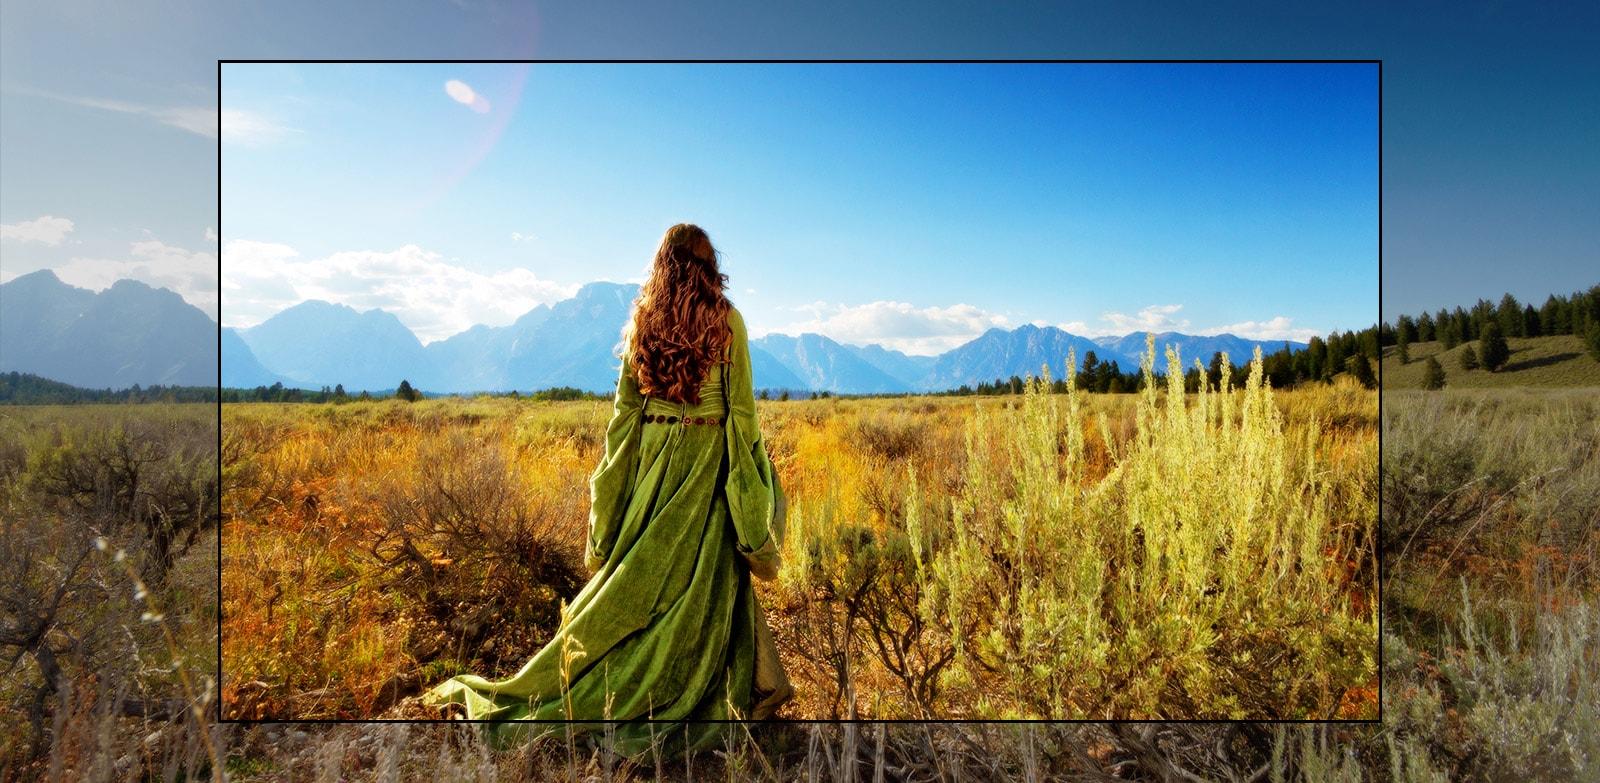 Màn hình TV chiếu cảnh trong một bộ phim giả tưởng với một người phụ nữ đứng trên cánh đồng quay mặt về phía núi.